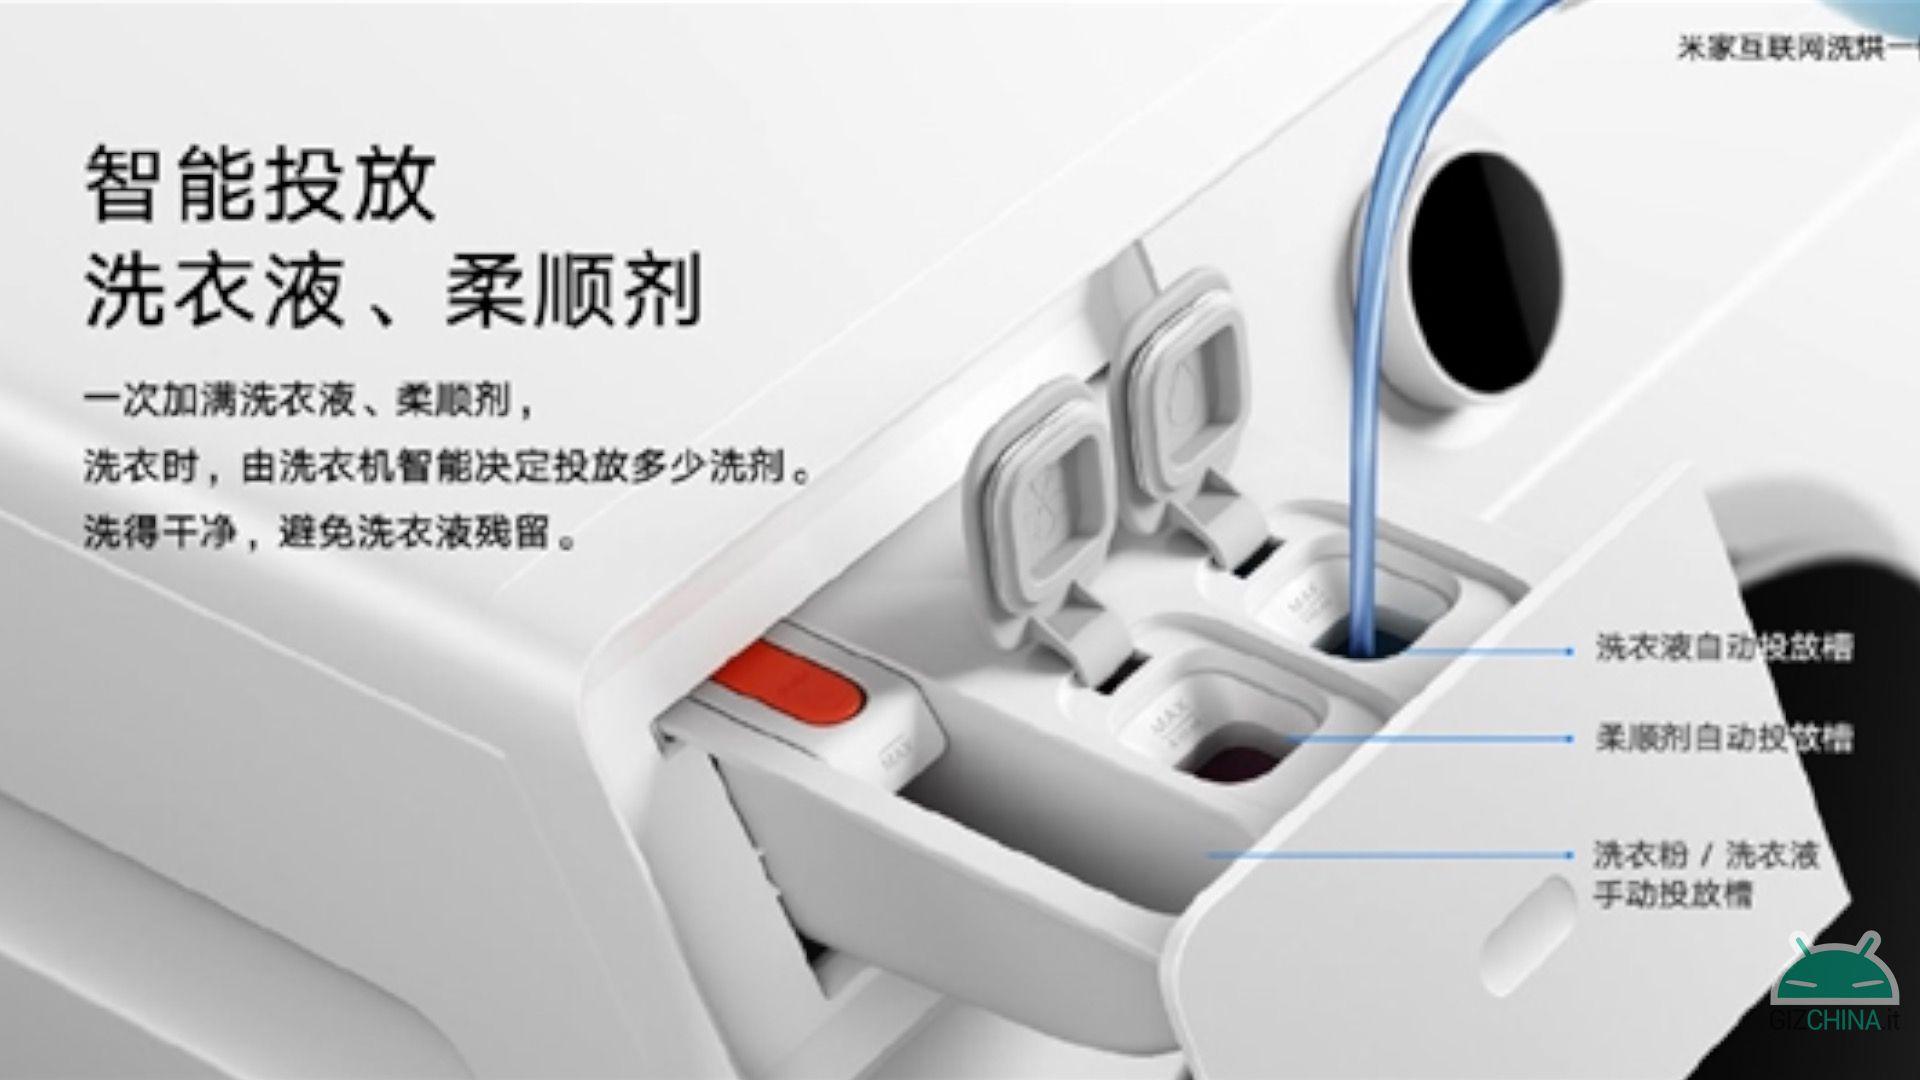 Xiaomi Mijia Internet Lavadora e Secadora